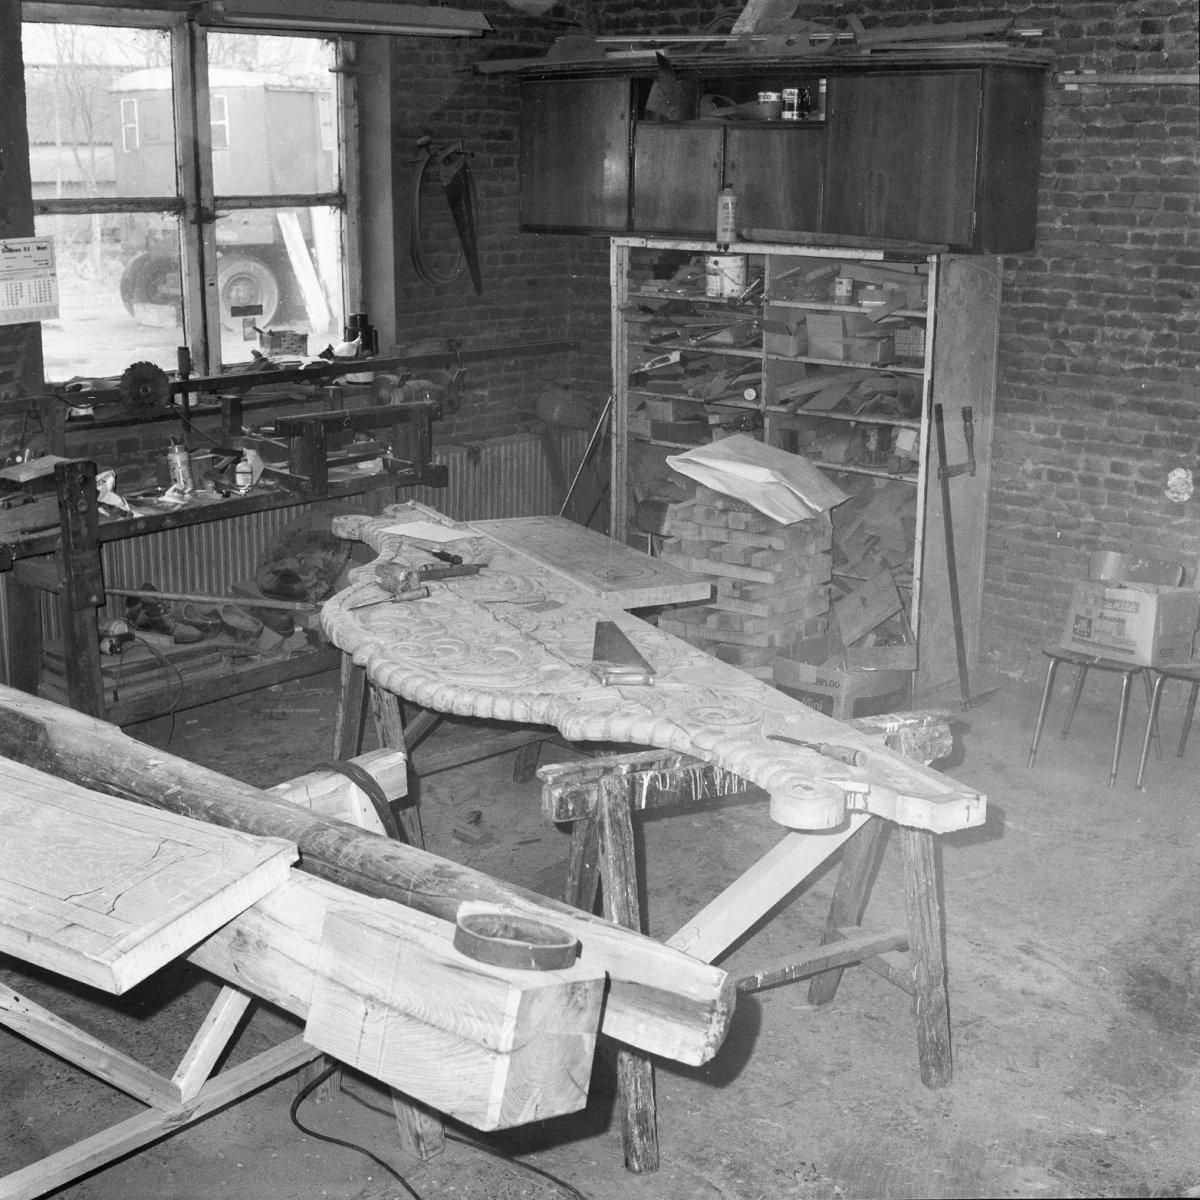 File:Molen Overwaard nr. 2, interieur, in de molenmakerswerkplaats ...